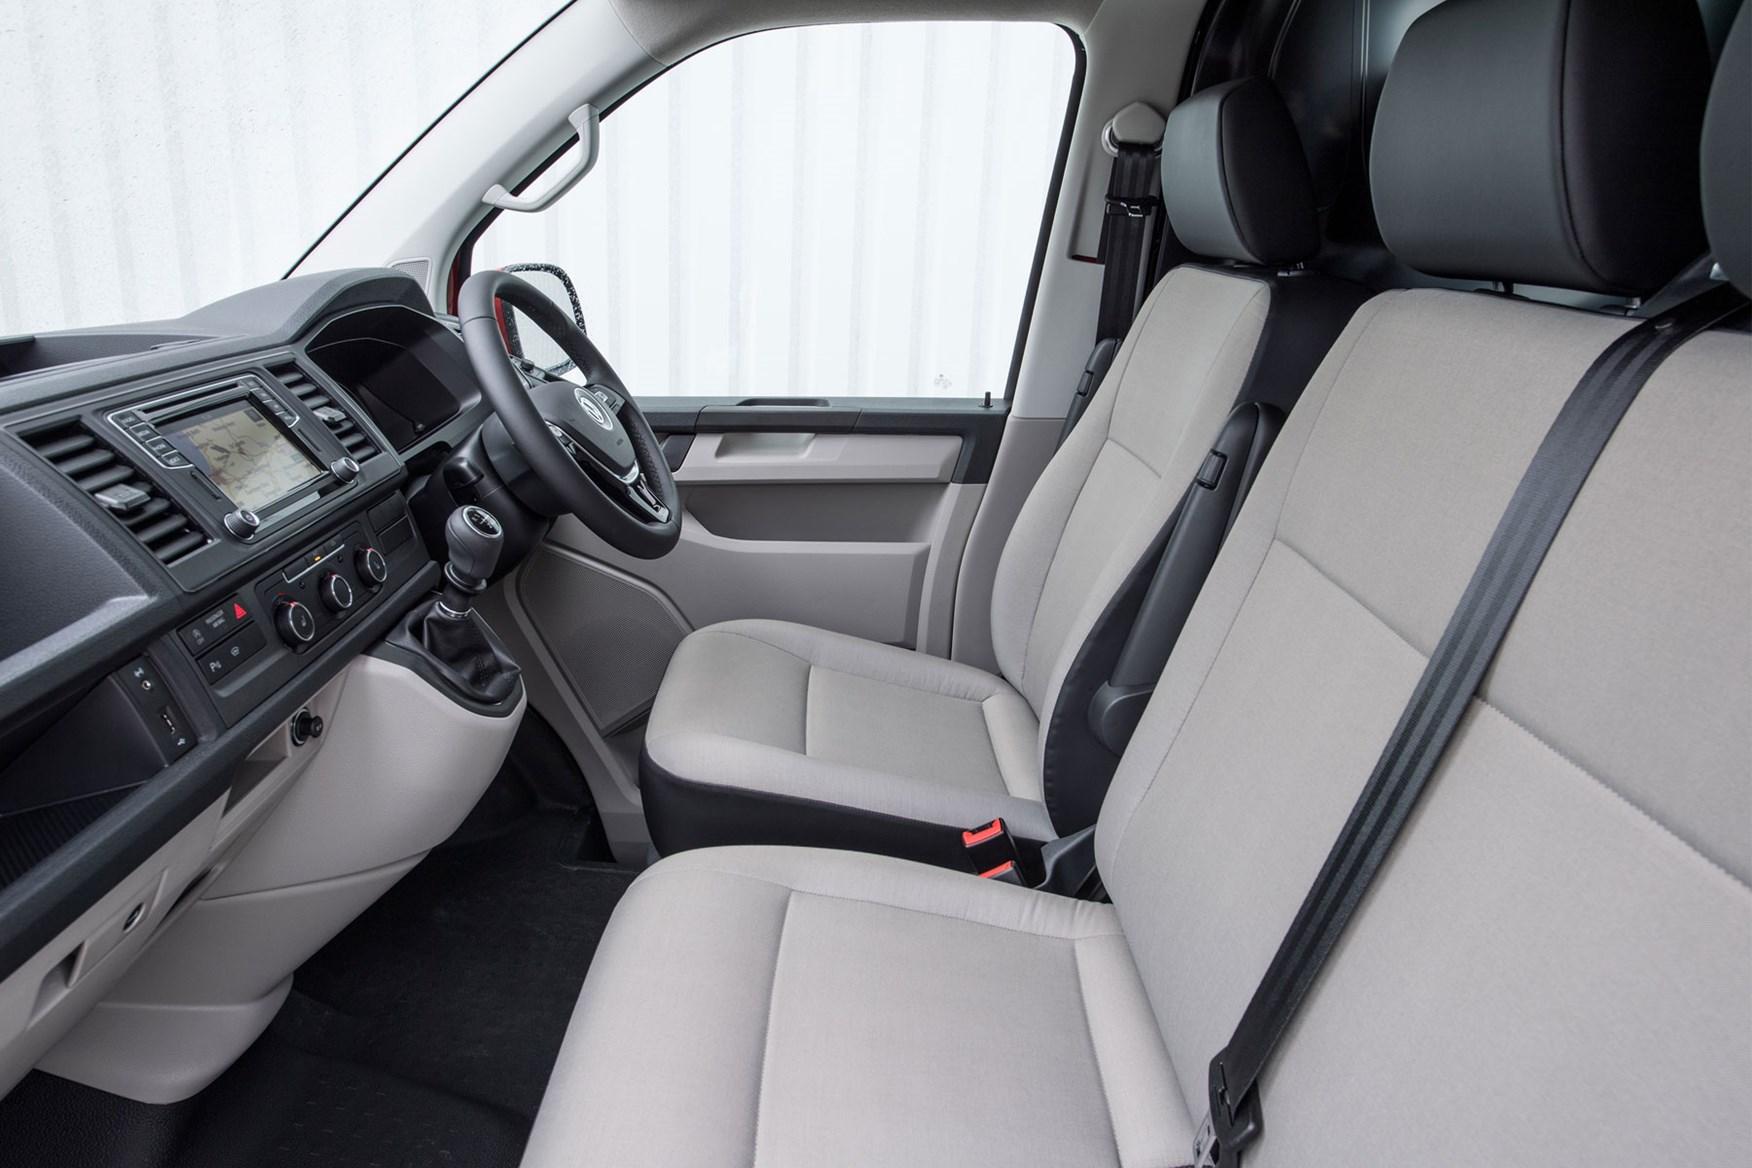 VW Transporter (2015-on) standard equipment